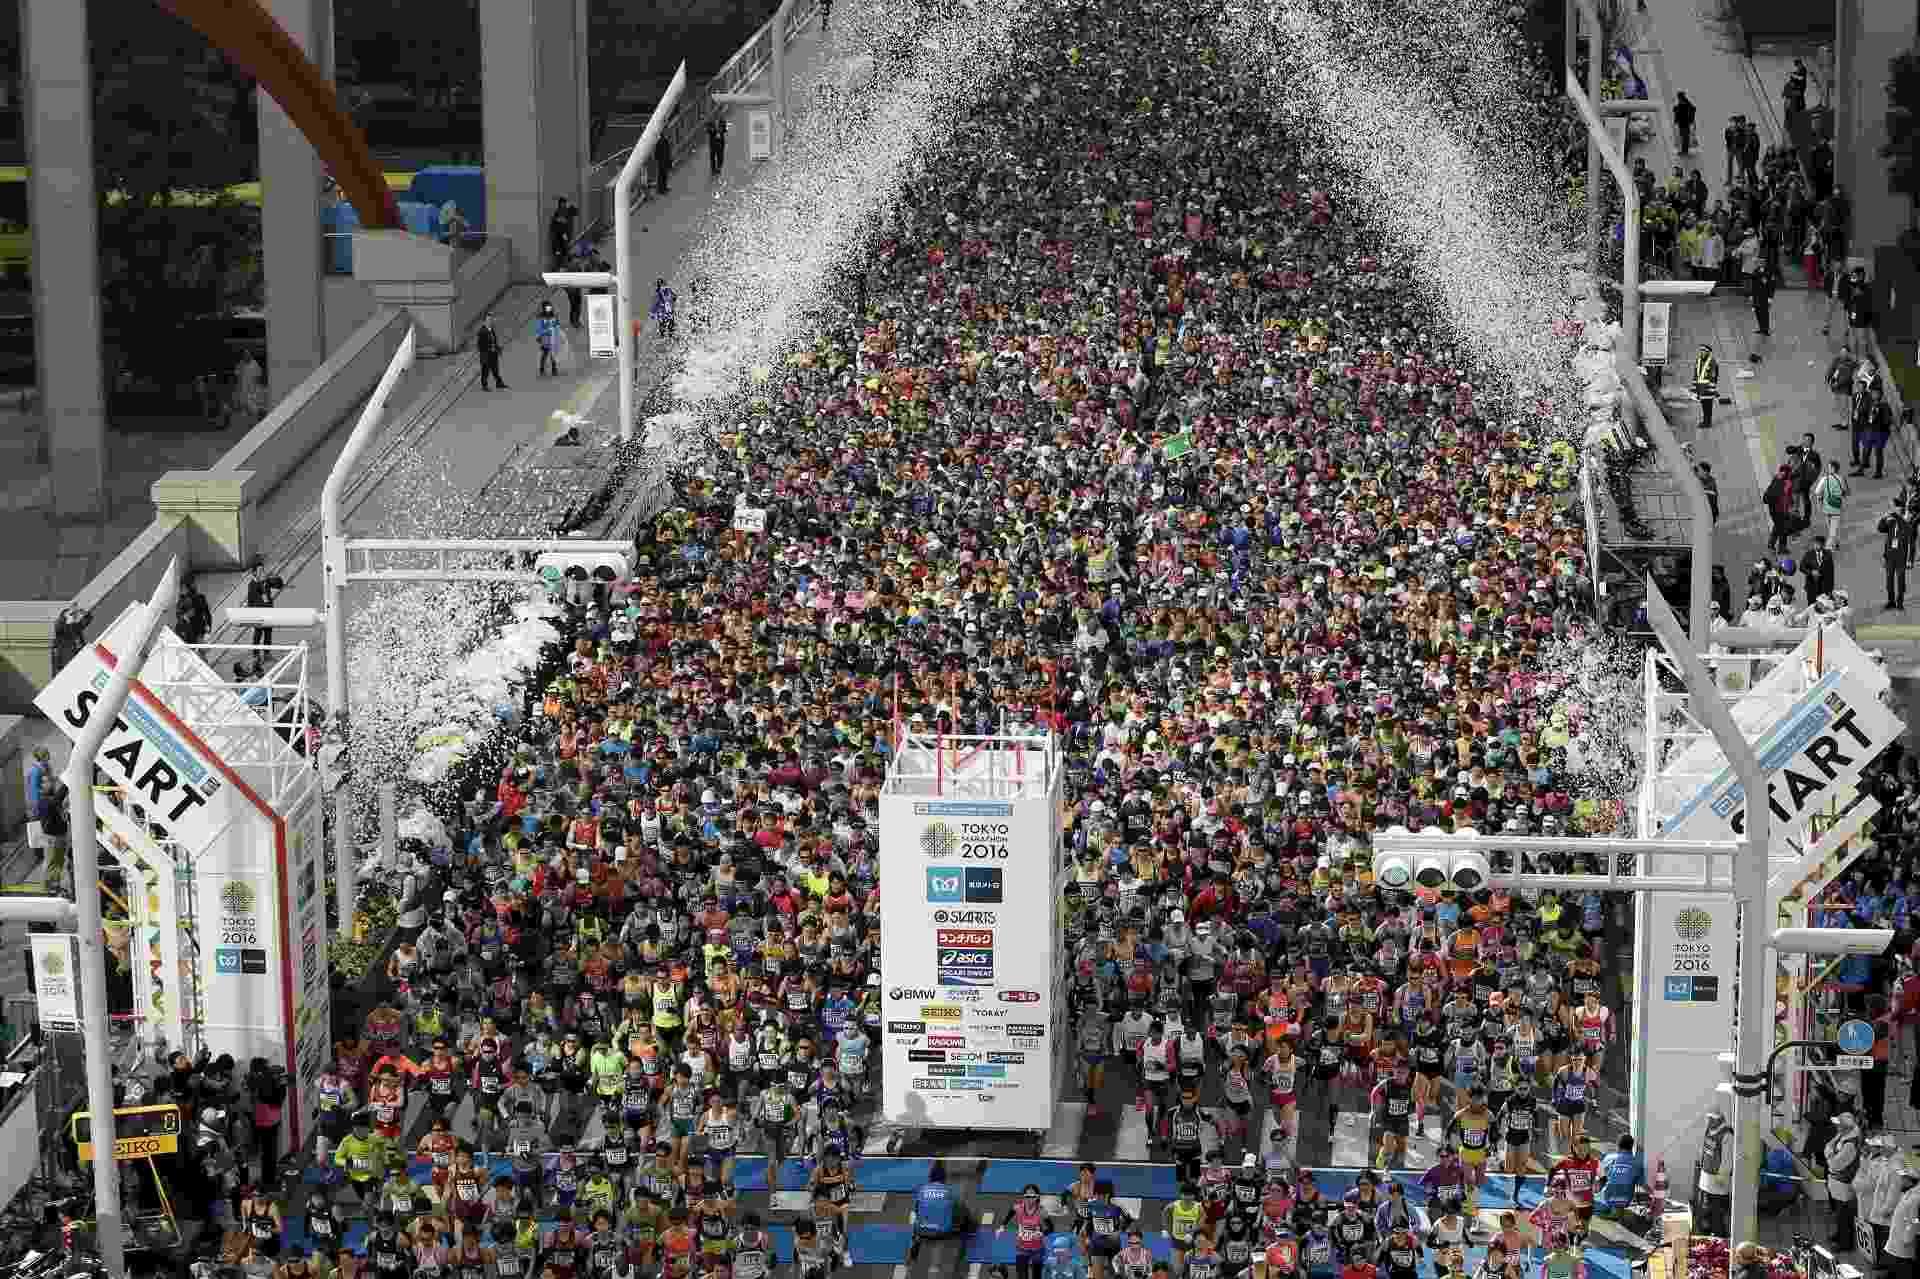 27.fev.2016 - Cerca de 30 mil corredores participaram da Maratona de Tóquio, no Japão. Esta foi a décima edição do evento esportivo, e é uma das seis maiores do mundo em número de participantes - Kiyoshi Ota/Reuters